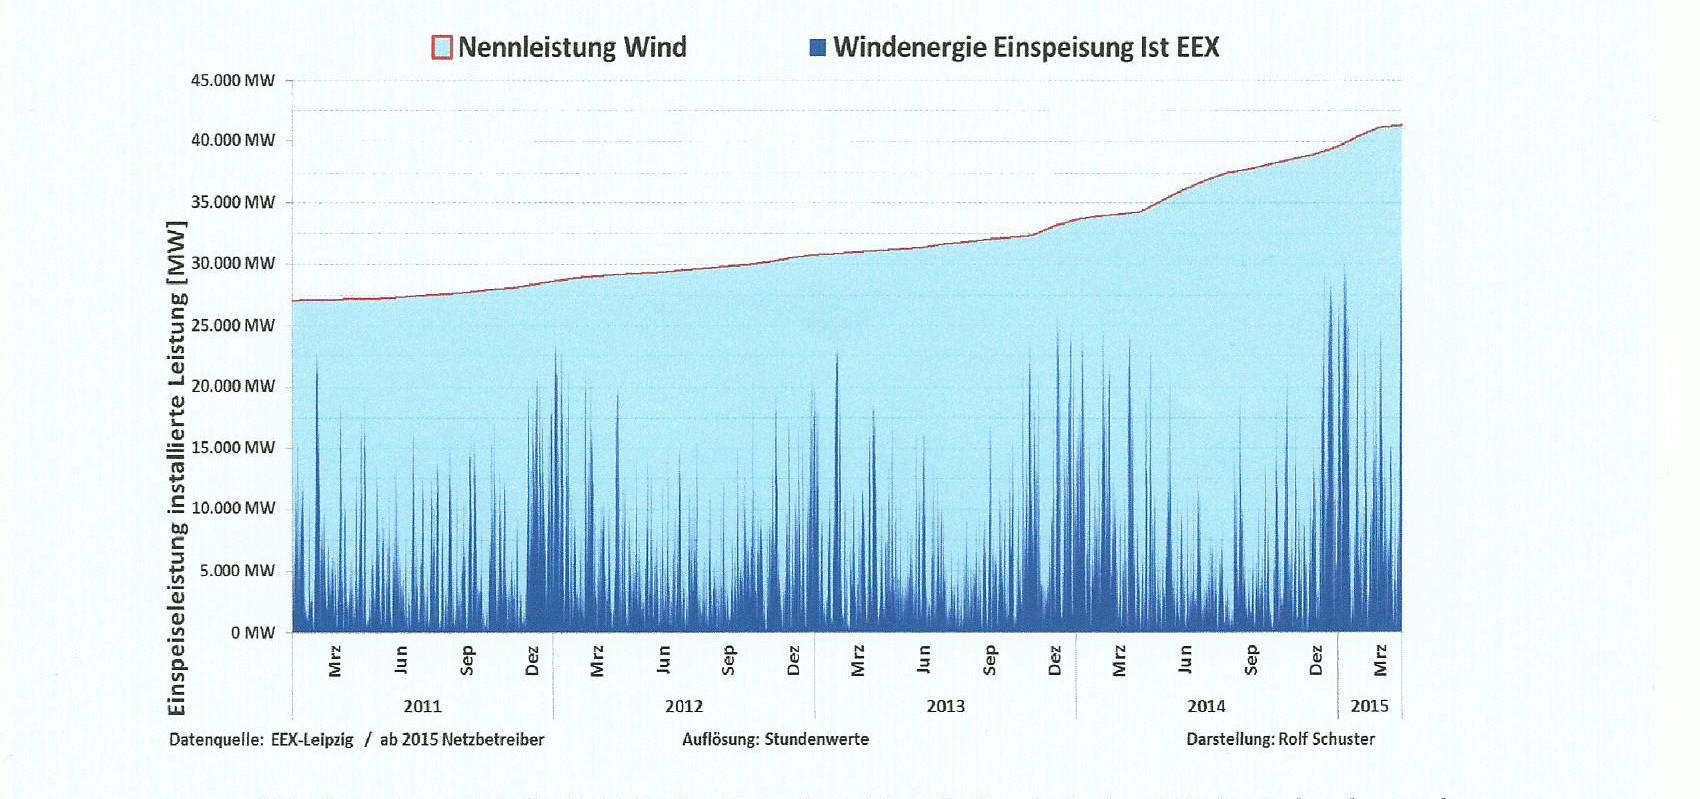 Windkraft Pro oder Contra: Eine Güterabwägung?